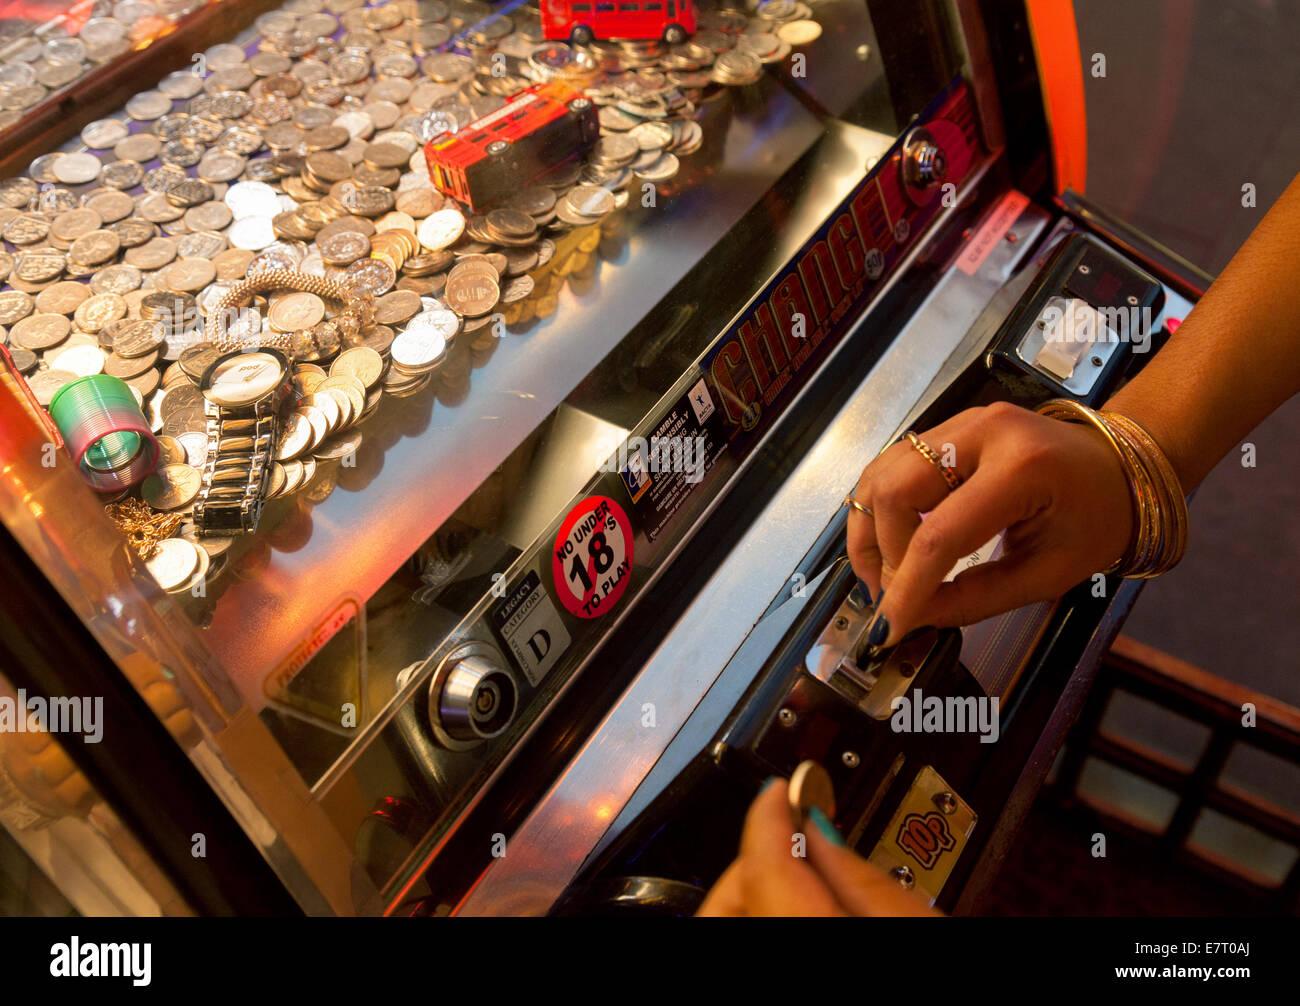 Les femmes mettre des pièces dans une machine de jeu dans une salle de jeux électroniques, Londres UK Photo Stock